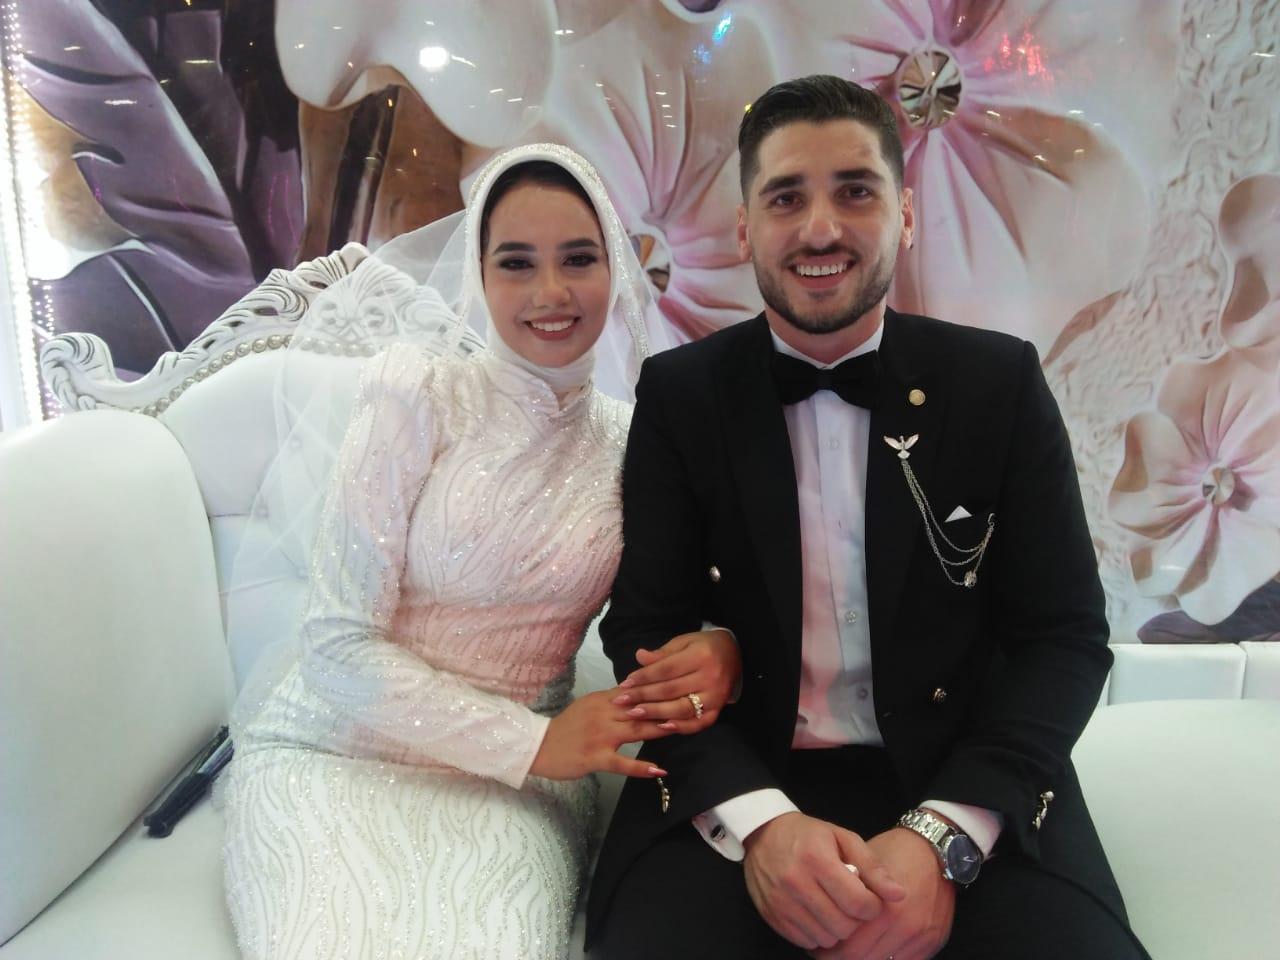 العريس الدكتور محمود مطاوع والعروس الدكتوره خلود شاهين